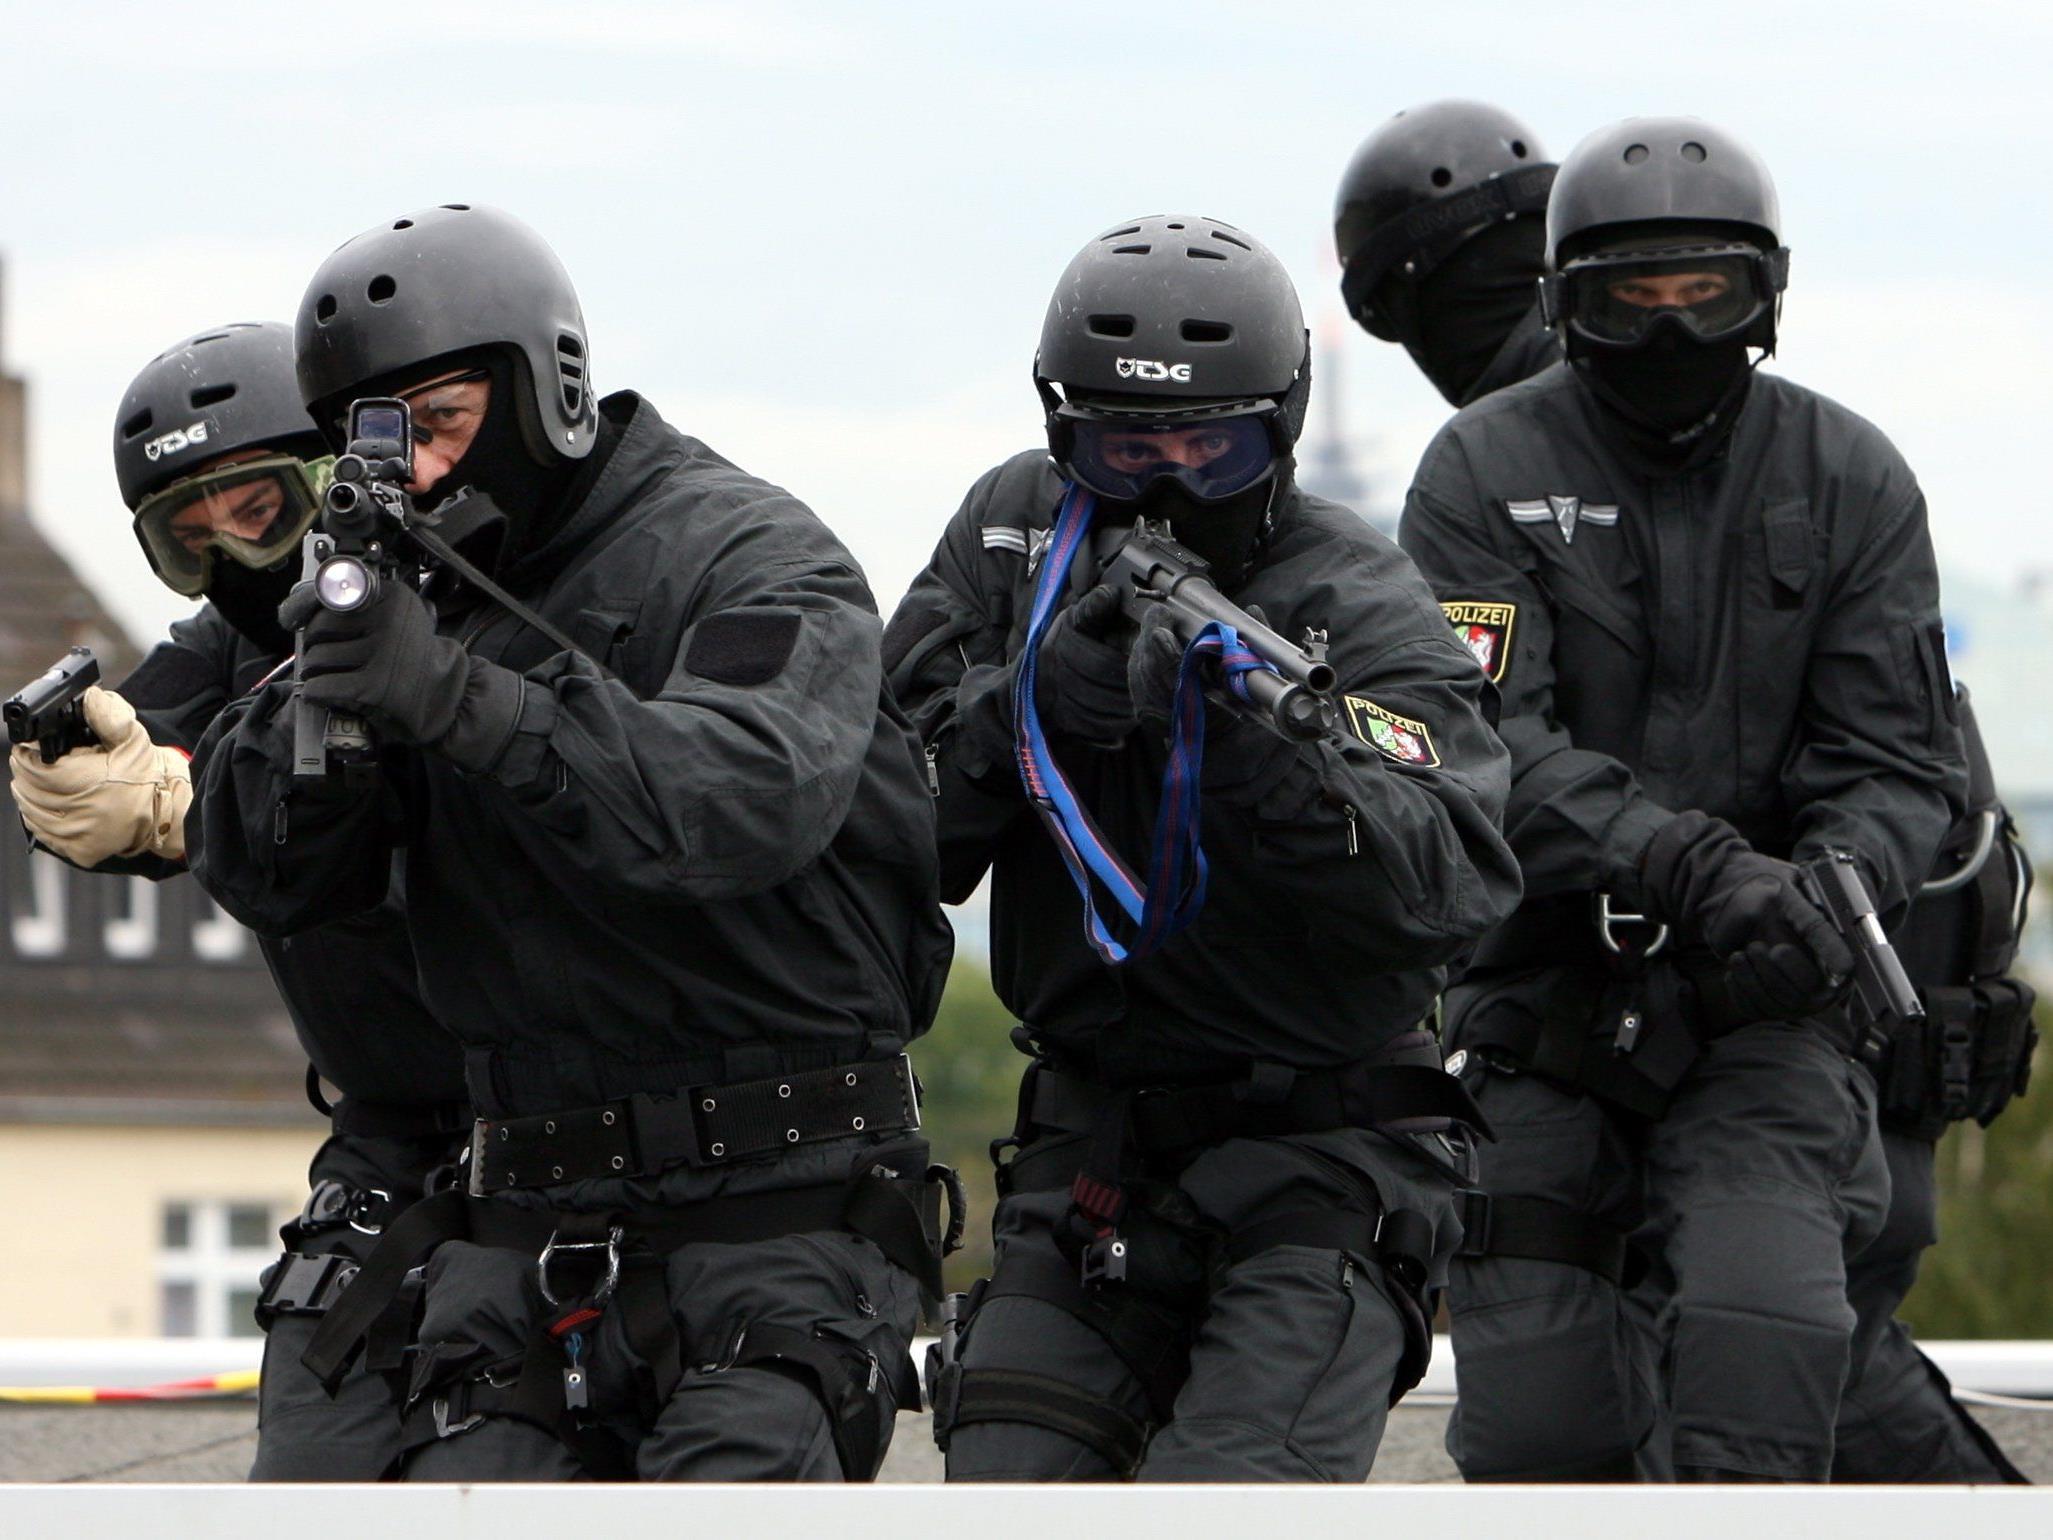 SEK-Beamte waren bei den FEtsnahmen und Razzien im Einsatz.